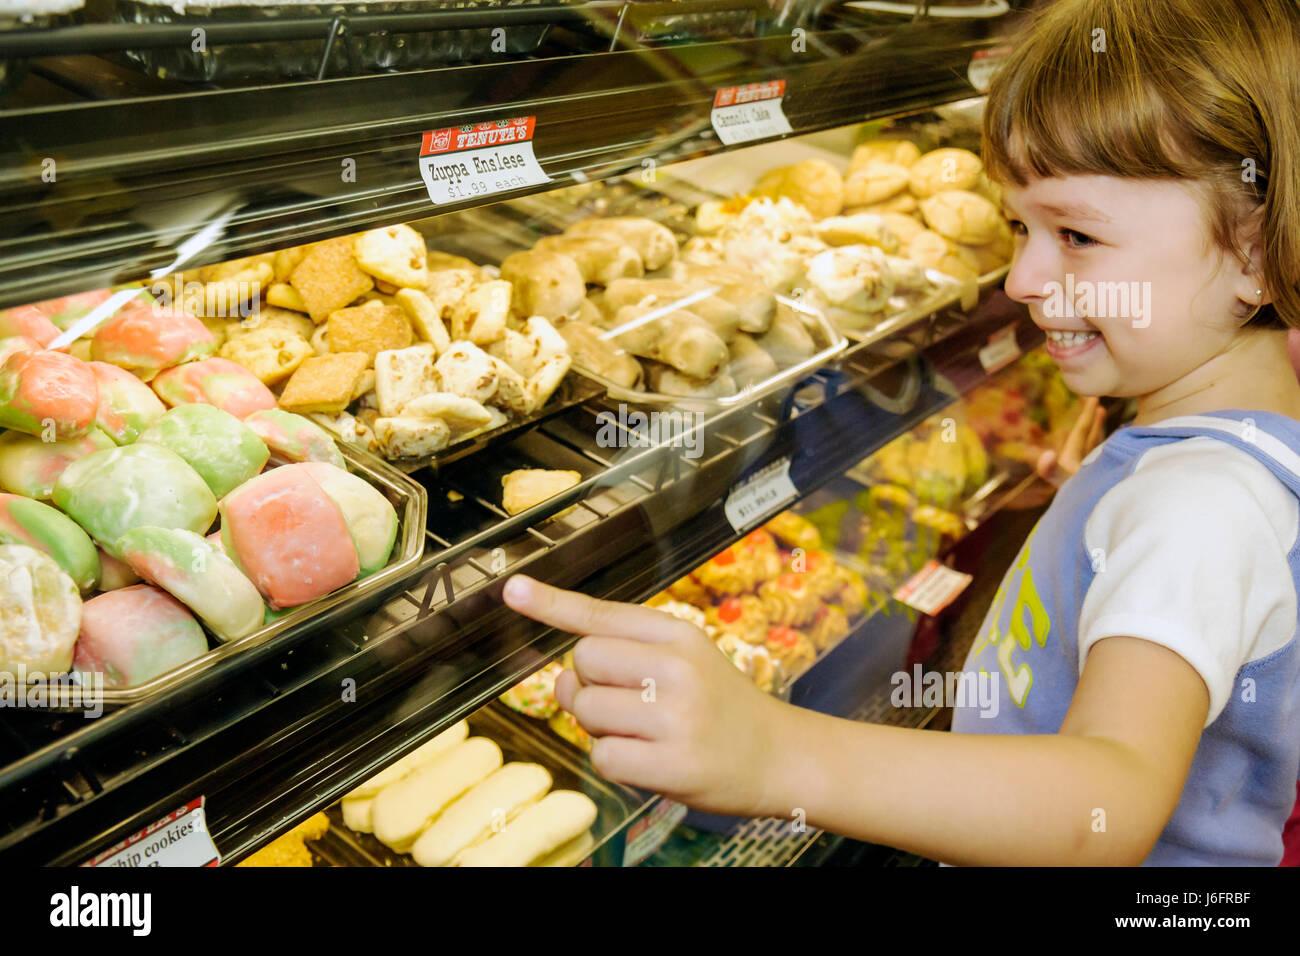 Wisconsin Kenosha Tenuta's Delicatessen Liquors and Wines girl tray food bakery dessert Italian market pastry - Stock Image